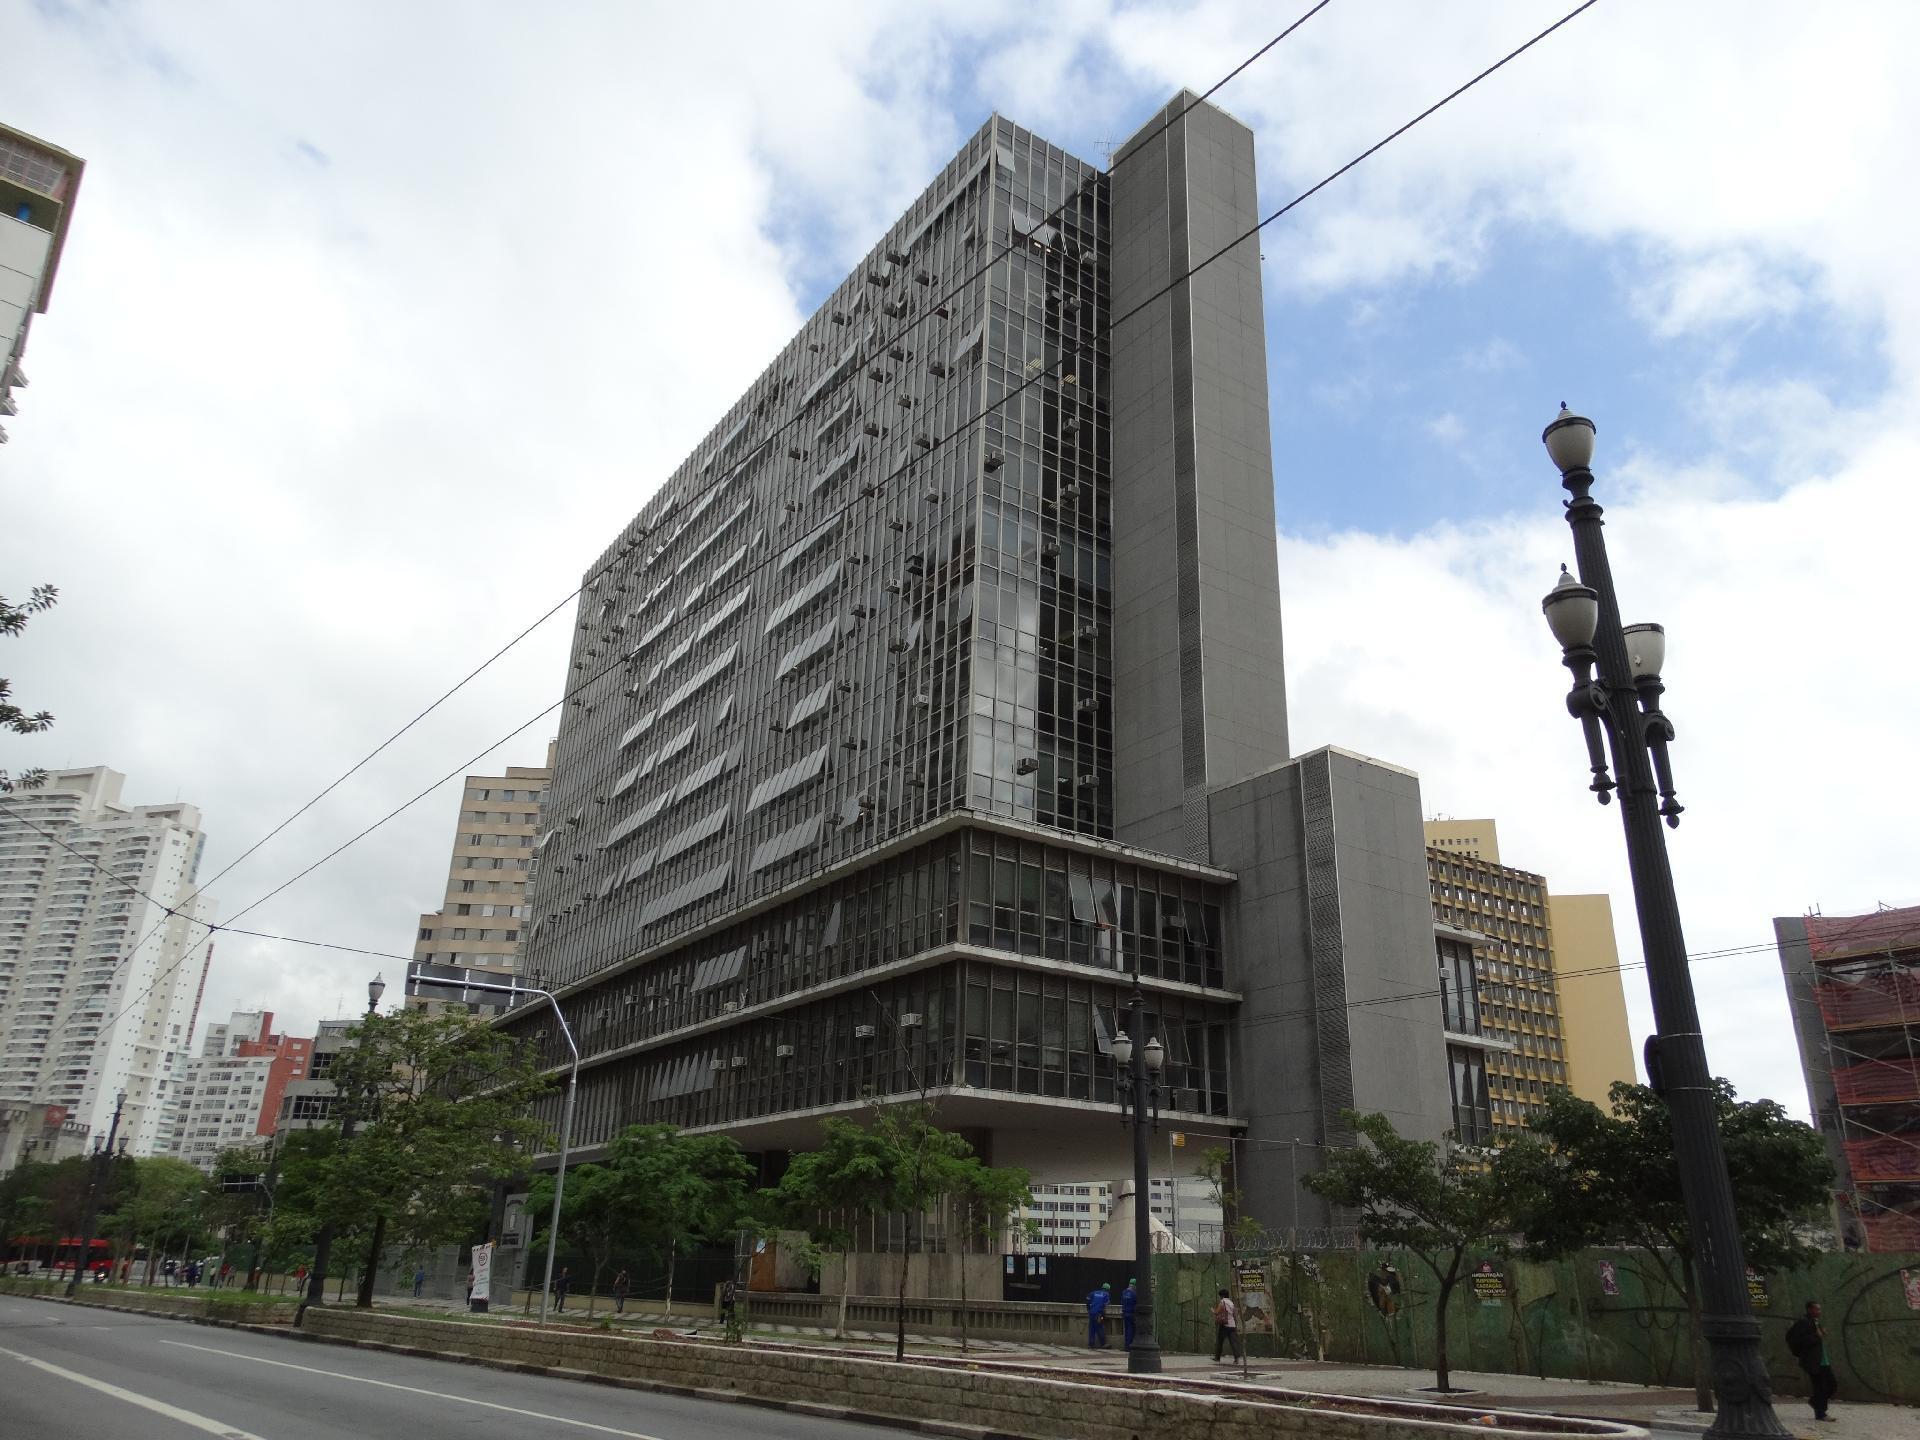 Comando da Câmara Municipal de São Paulo vai responder judicialmente por violação aos princípios administrativos em ação que questiona pagamento de salários acima do teto